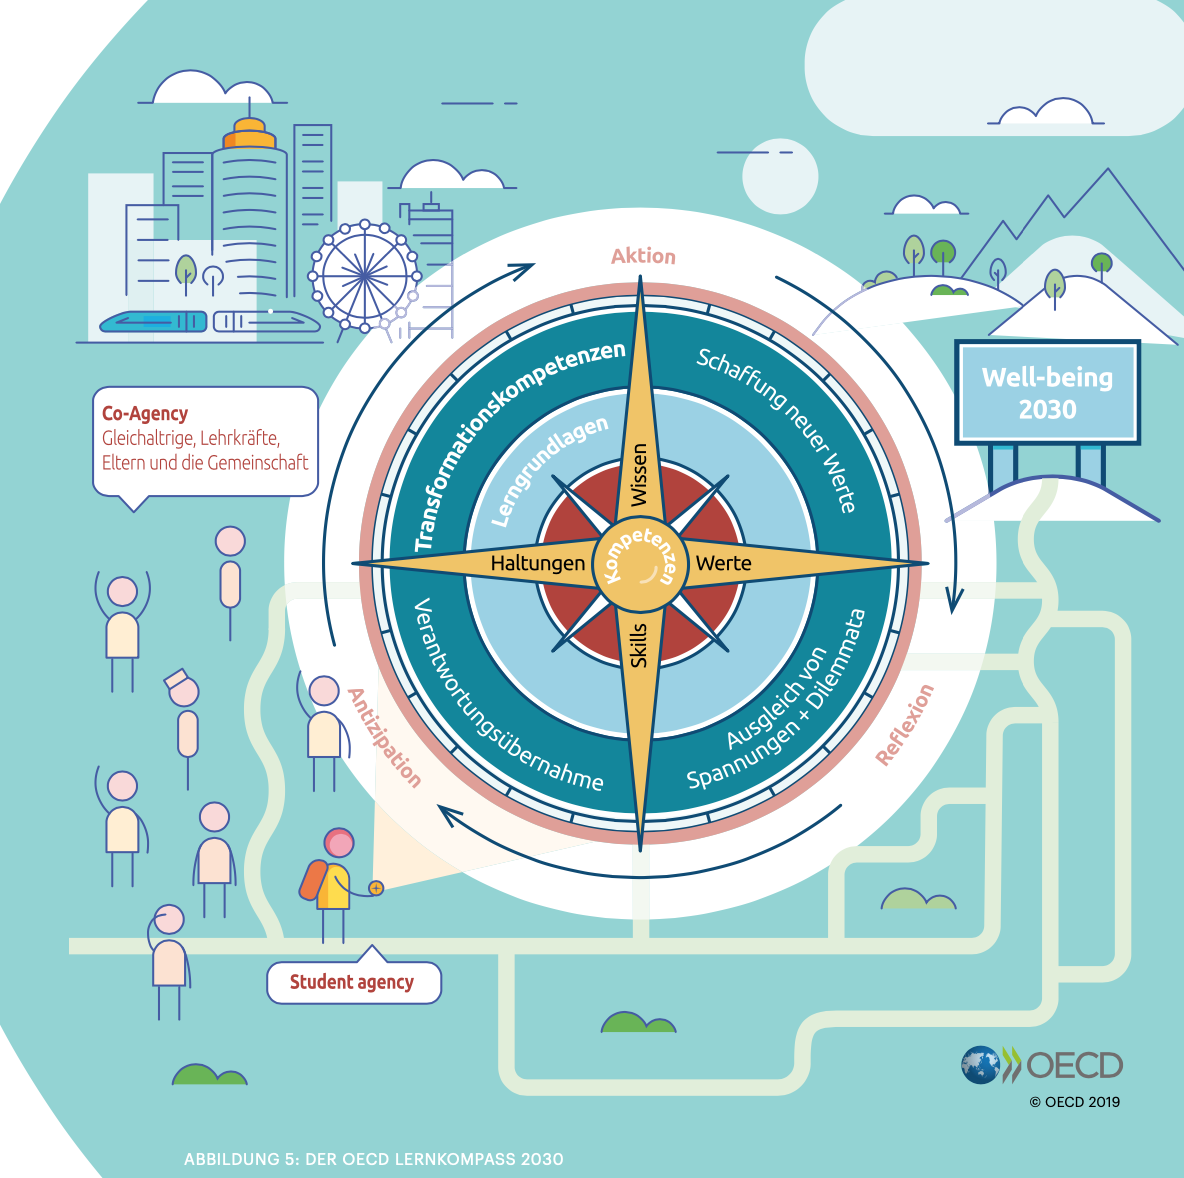 Übersichtsgrafik zum OECD-Lernkompass 2030